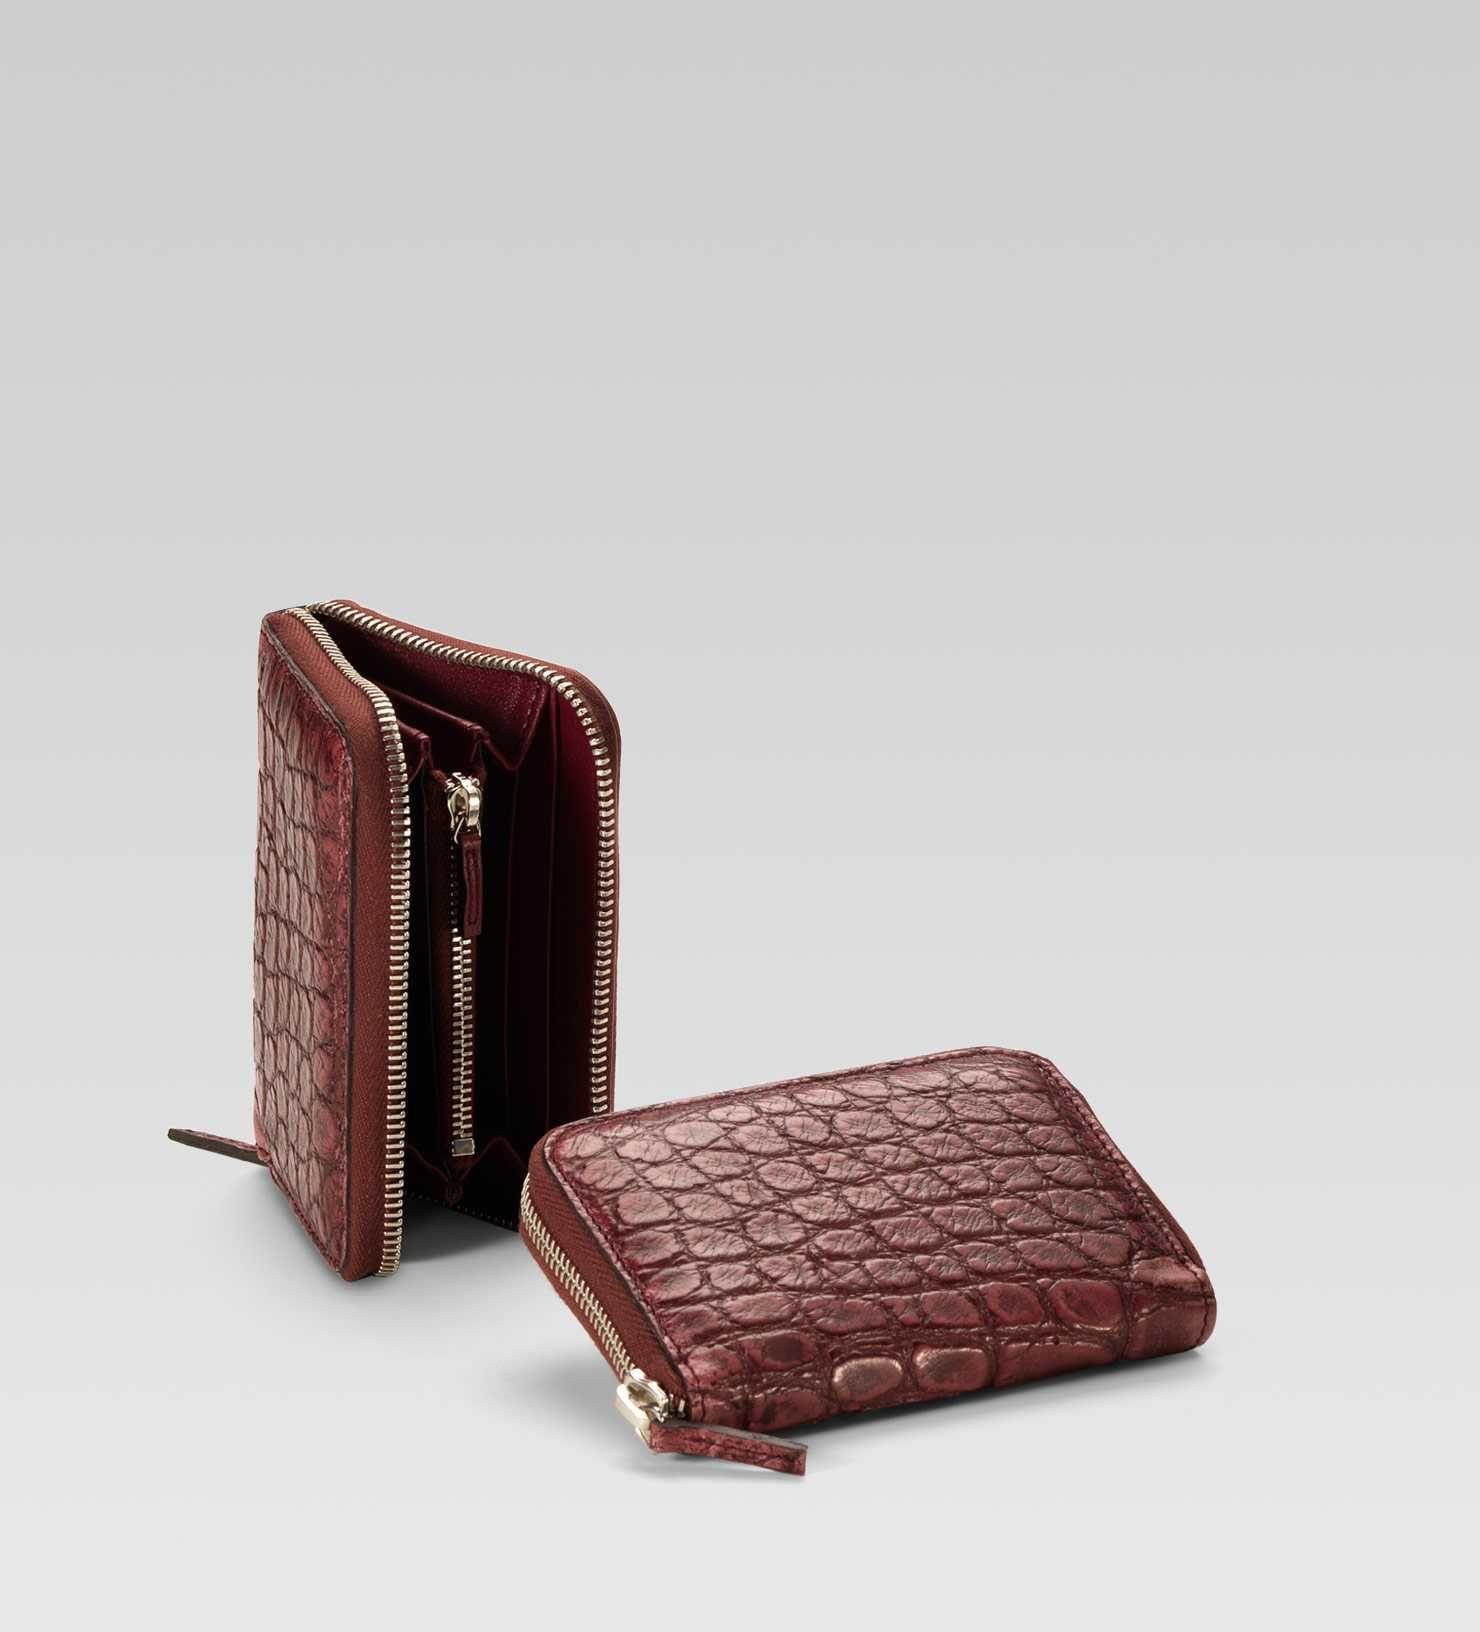 Gucci card case cherry color crocodile wallet fashion